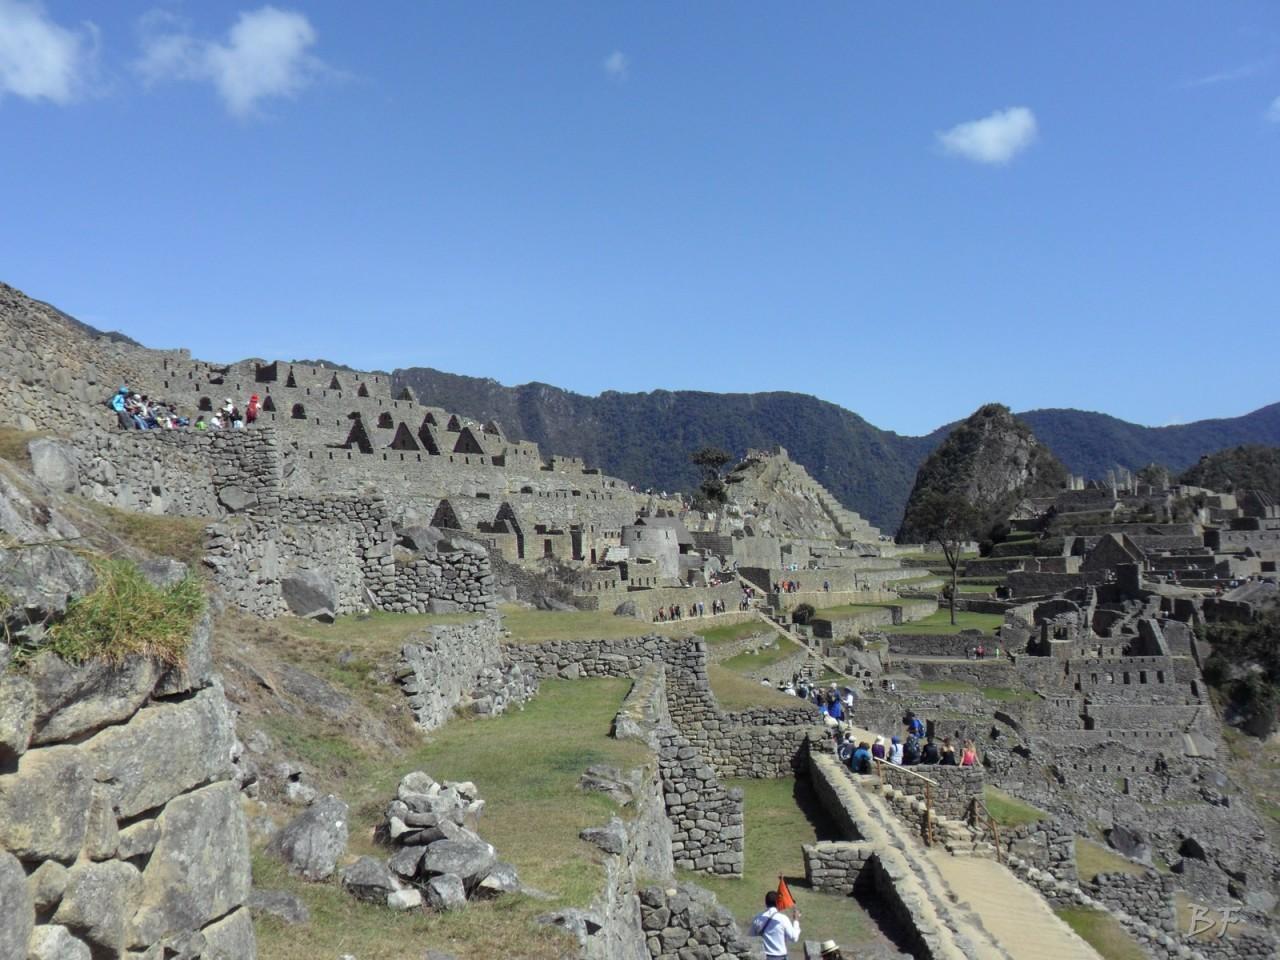 Mura-Poligonali-Incisioni-Altari-Edifici-Rupestri-Megaliti-Machu-Picchu-Aguas-Calientes-Urubamba-Cusco-Perù-10